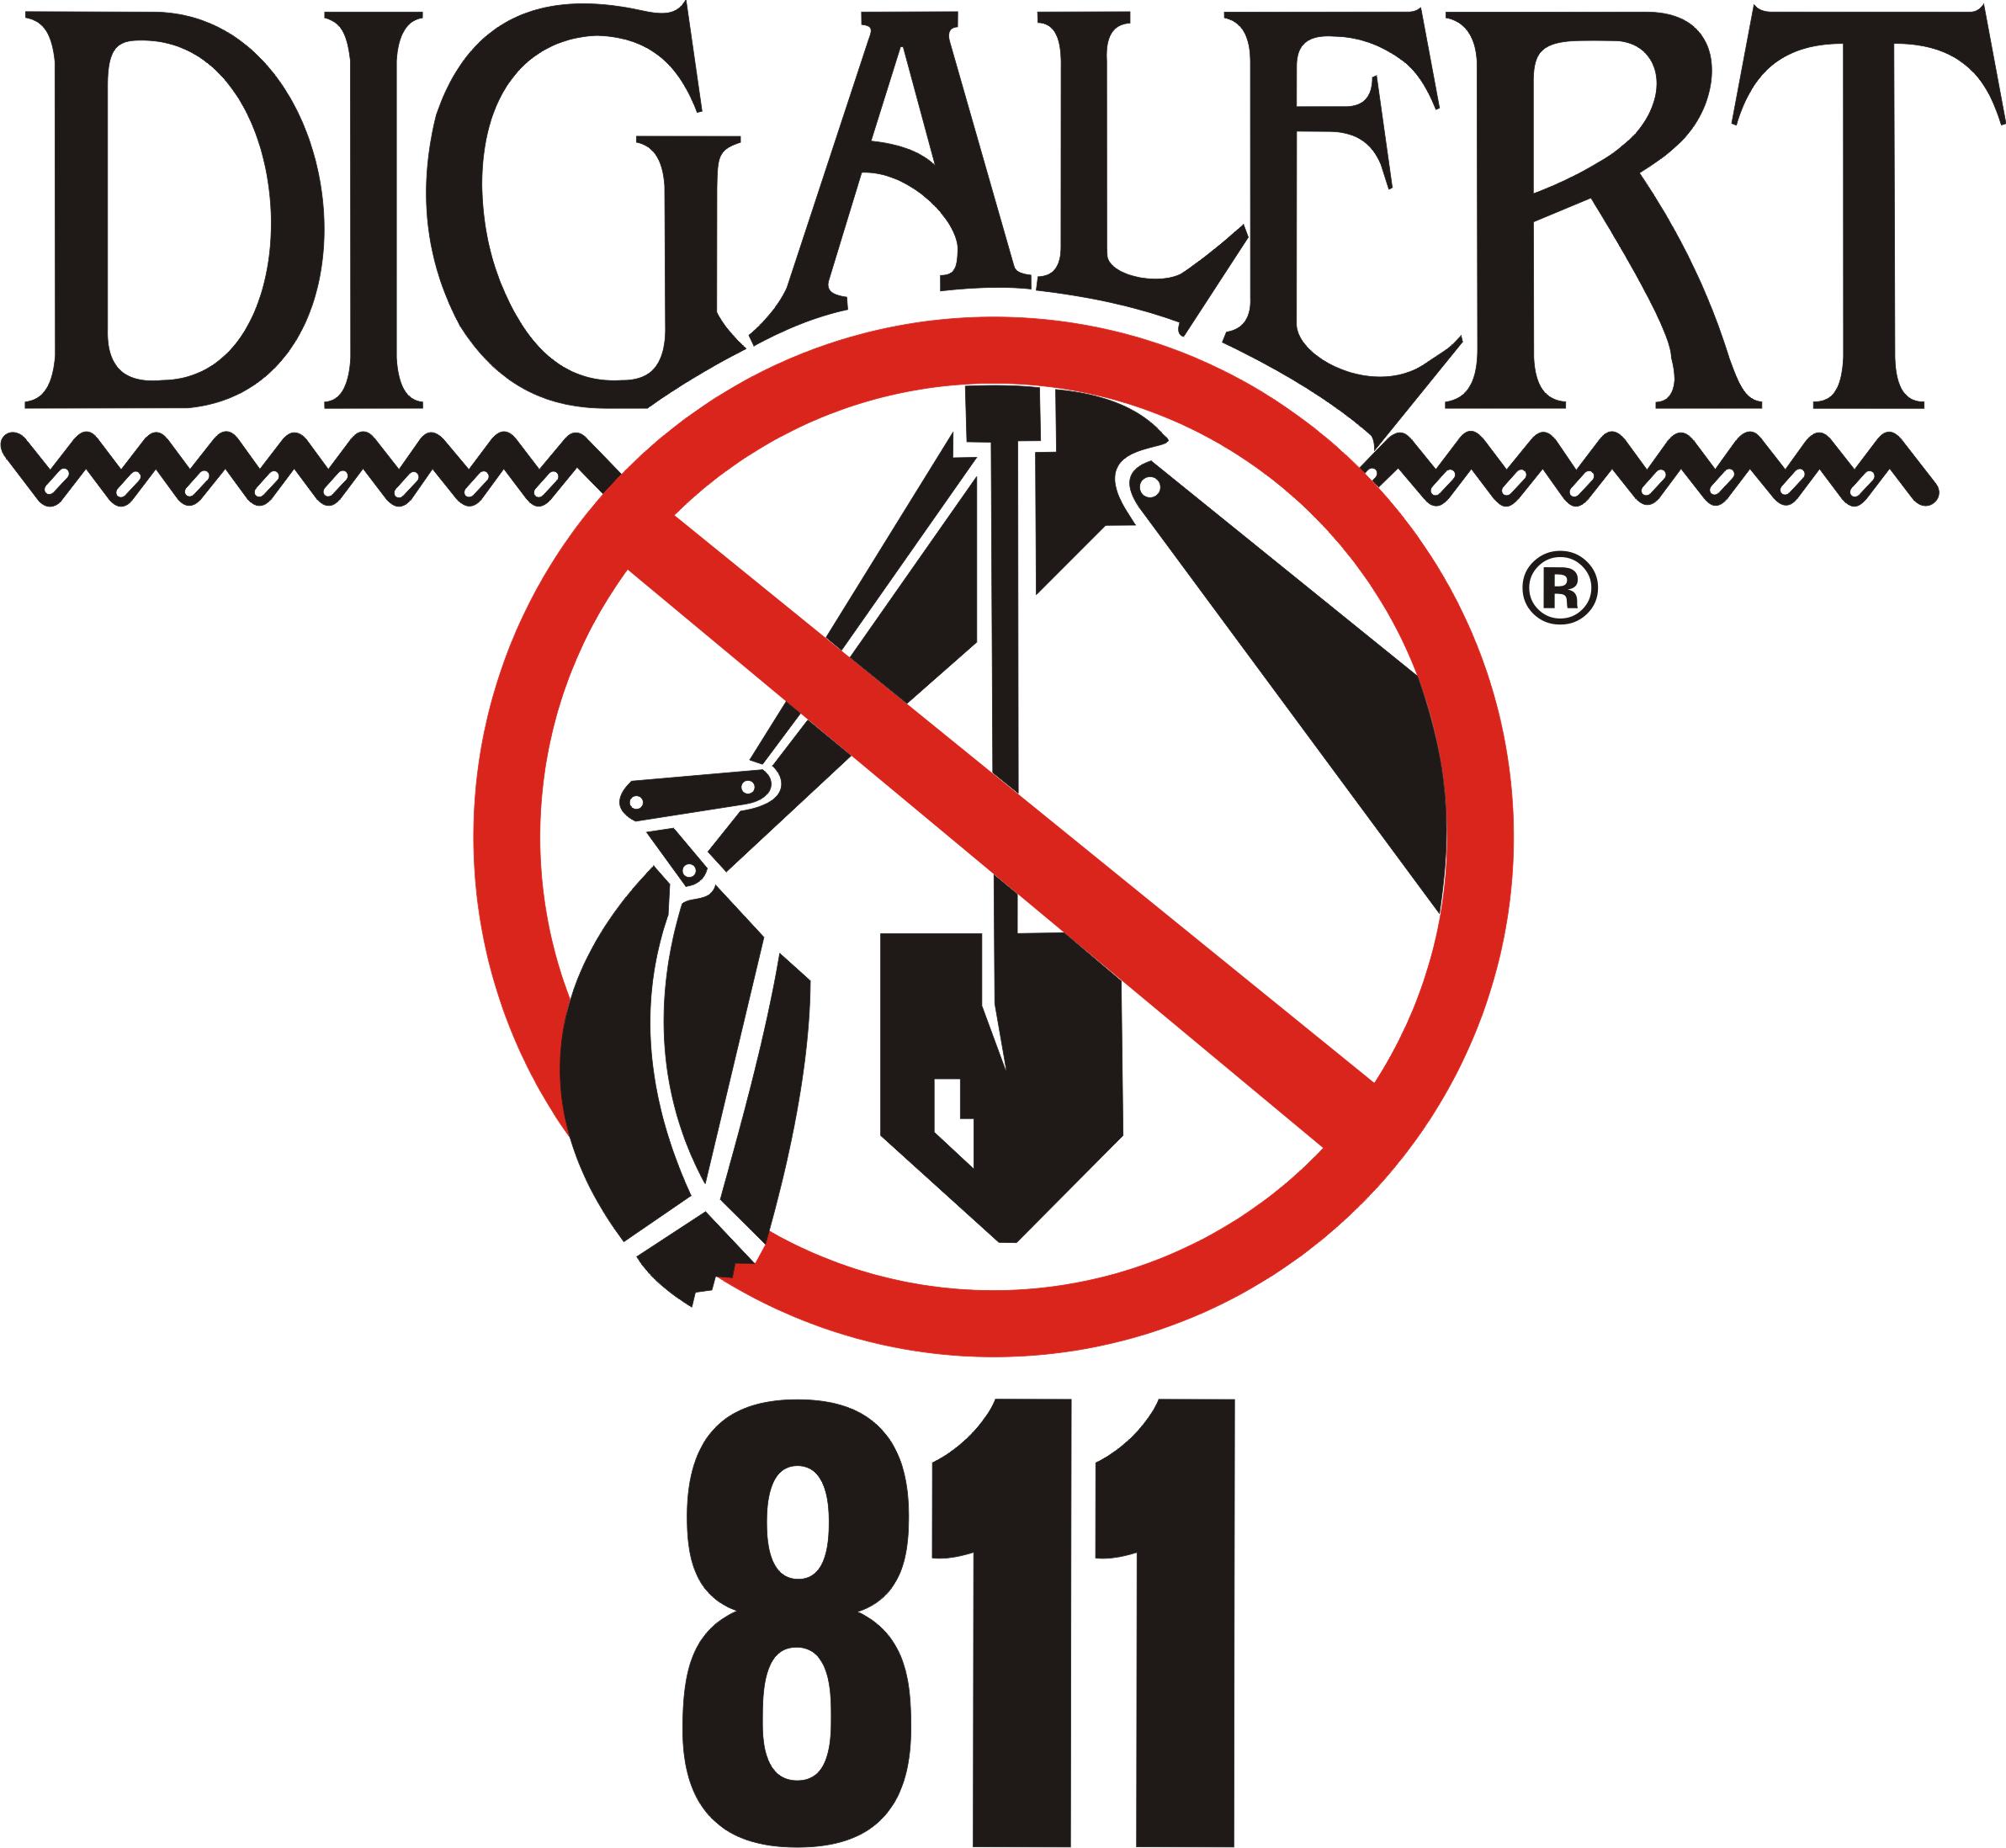 Digalert downloads